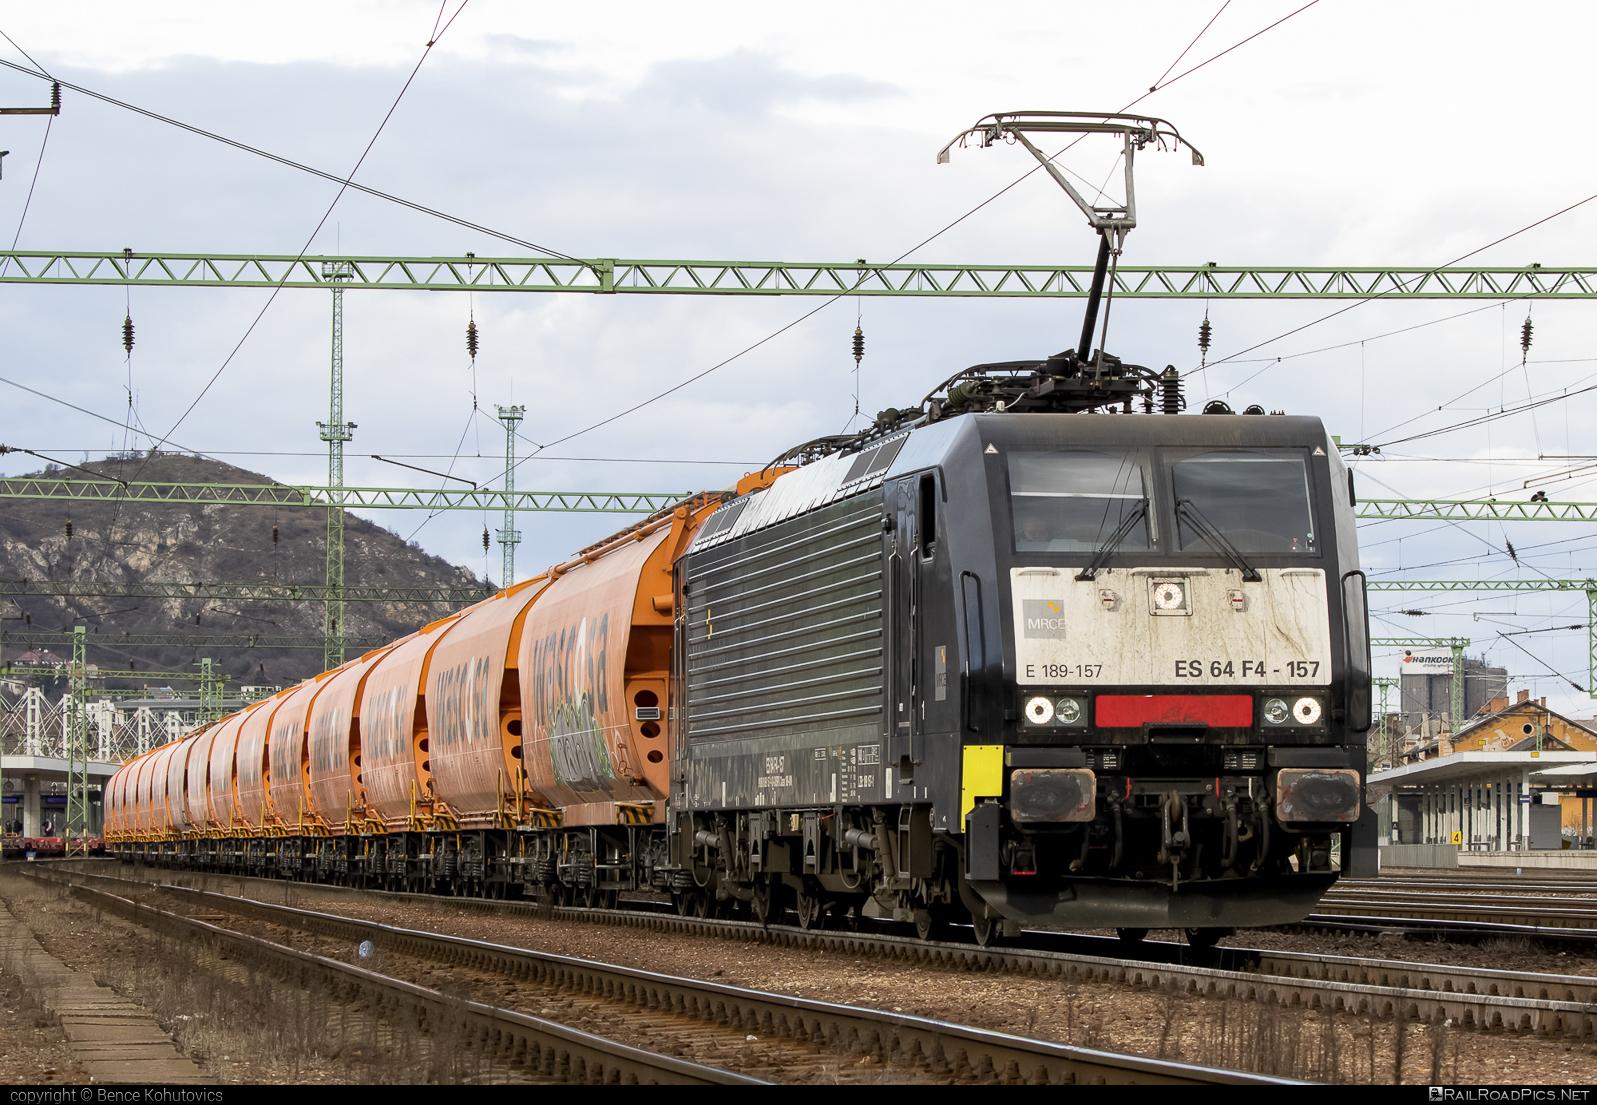 Siemens ES 64 F4 - 189 157-1 operated by Retrack Slovakia s. r. o. #dispolok #es64 #es64f4 #eurosprinter #hopperwagon #mitsuirailcapitaleurope #mitsuirailcapitaleuropegmbh #mrce #retrack #retrackslovakia #siemens #siemenses64 #siemenses64f4 #wascosa